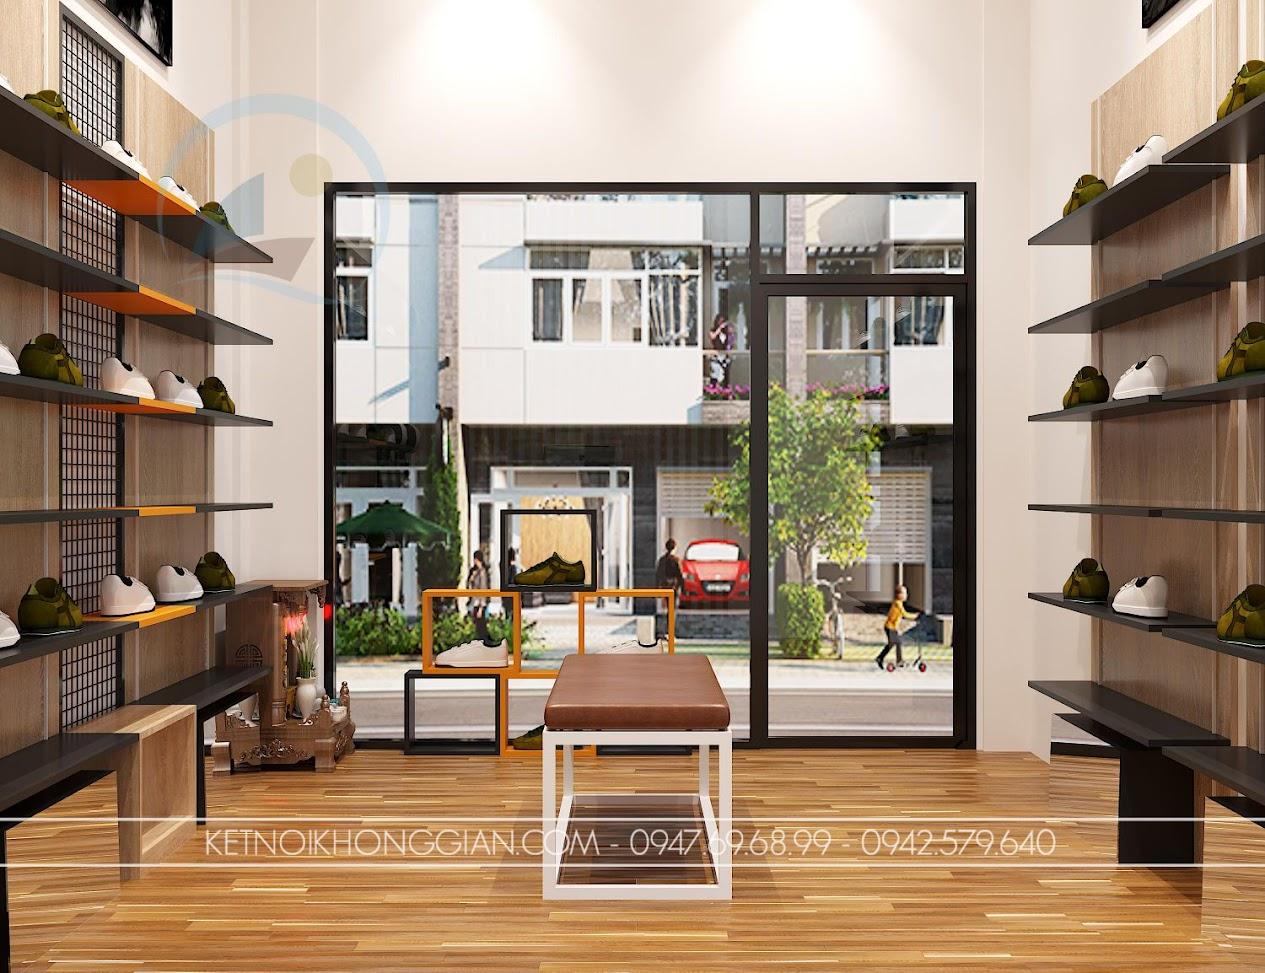 thiết kế shop giày dép nhỏ 16m2 đơn giản